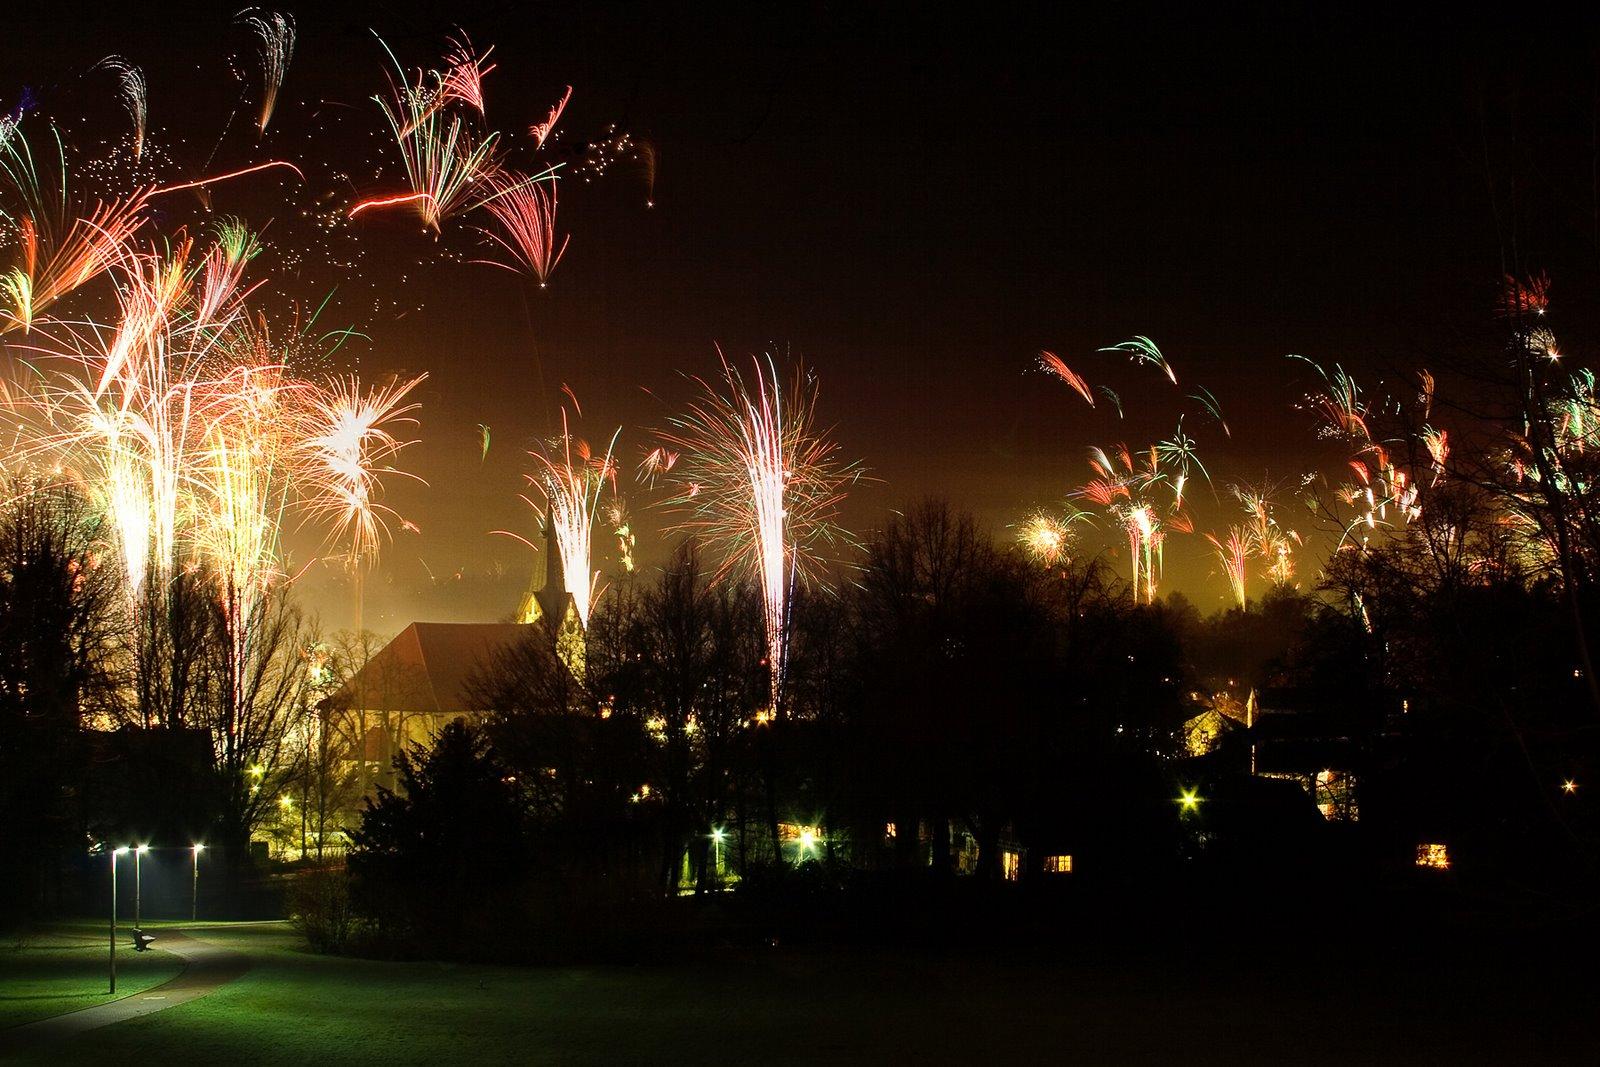 Feuerwerk_okb.jpg